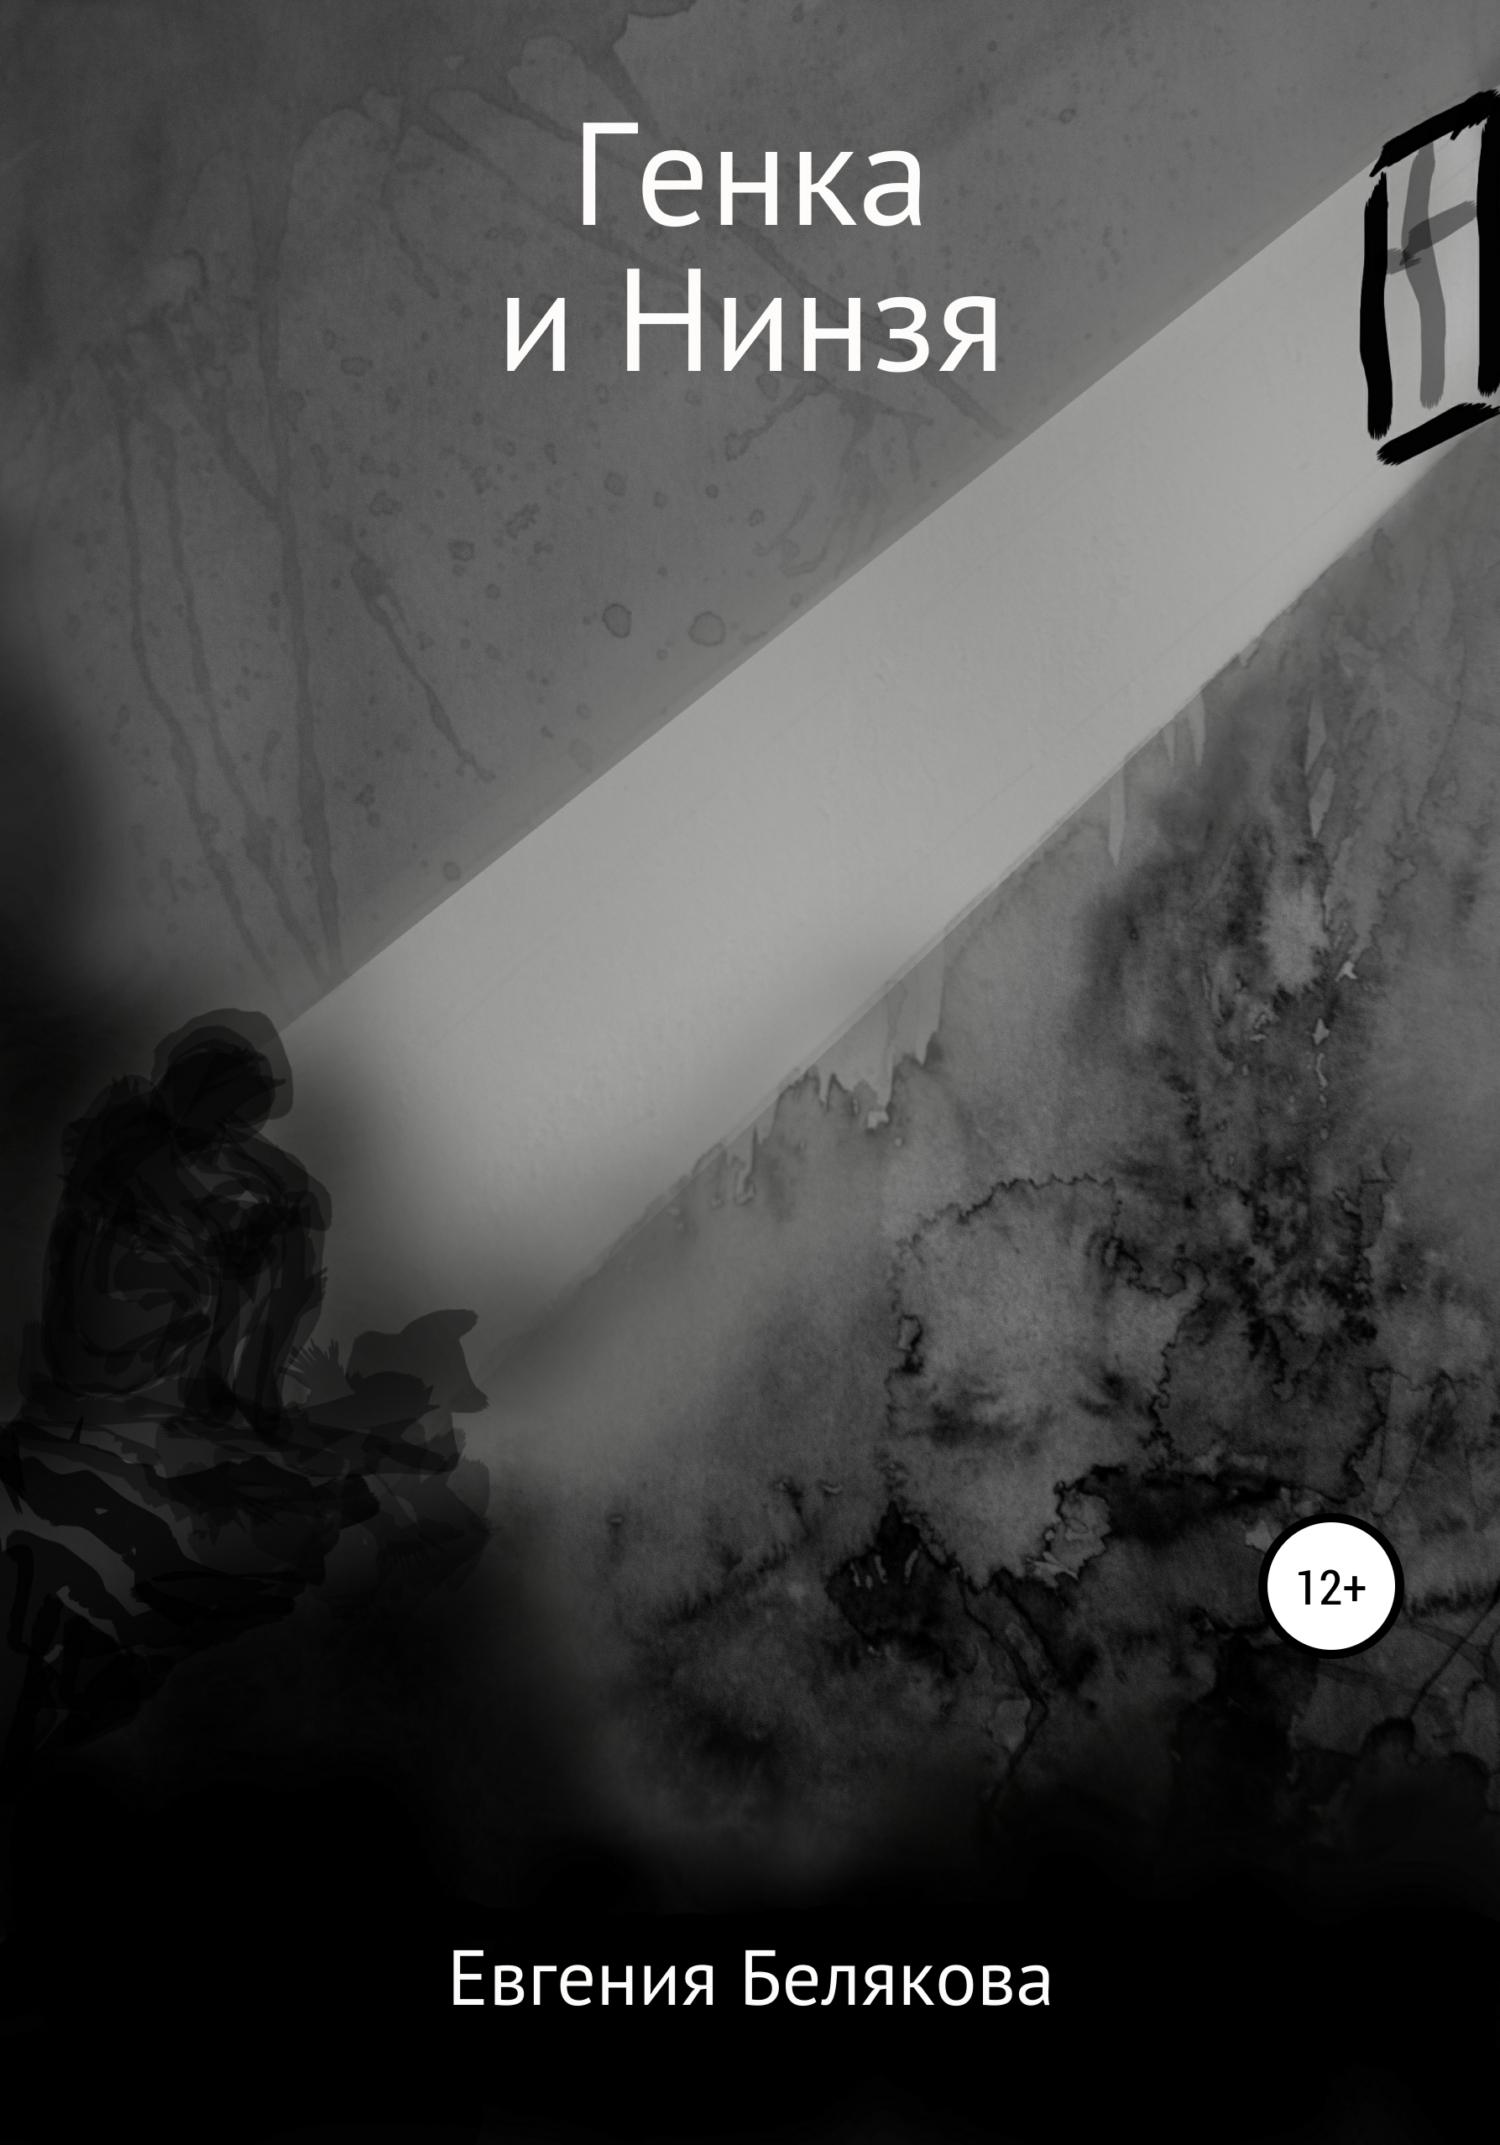 Евгения Петровна Белякова Генка и Нинзя данлоп б золотое предательство роман